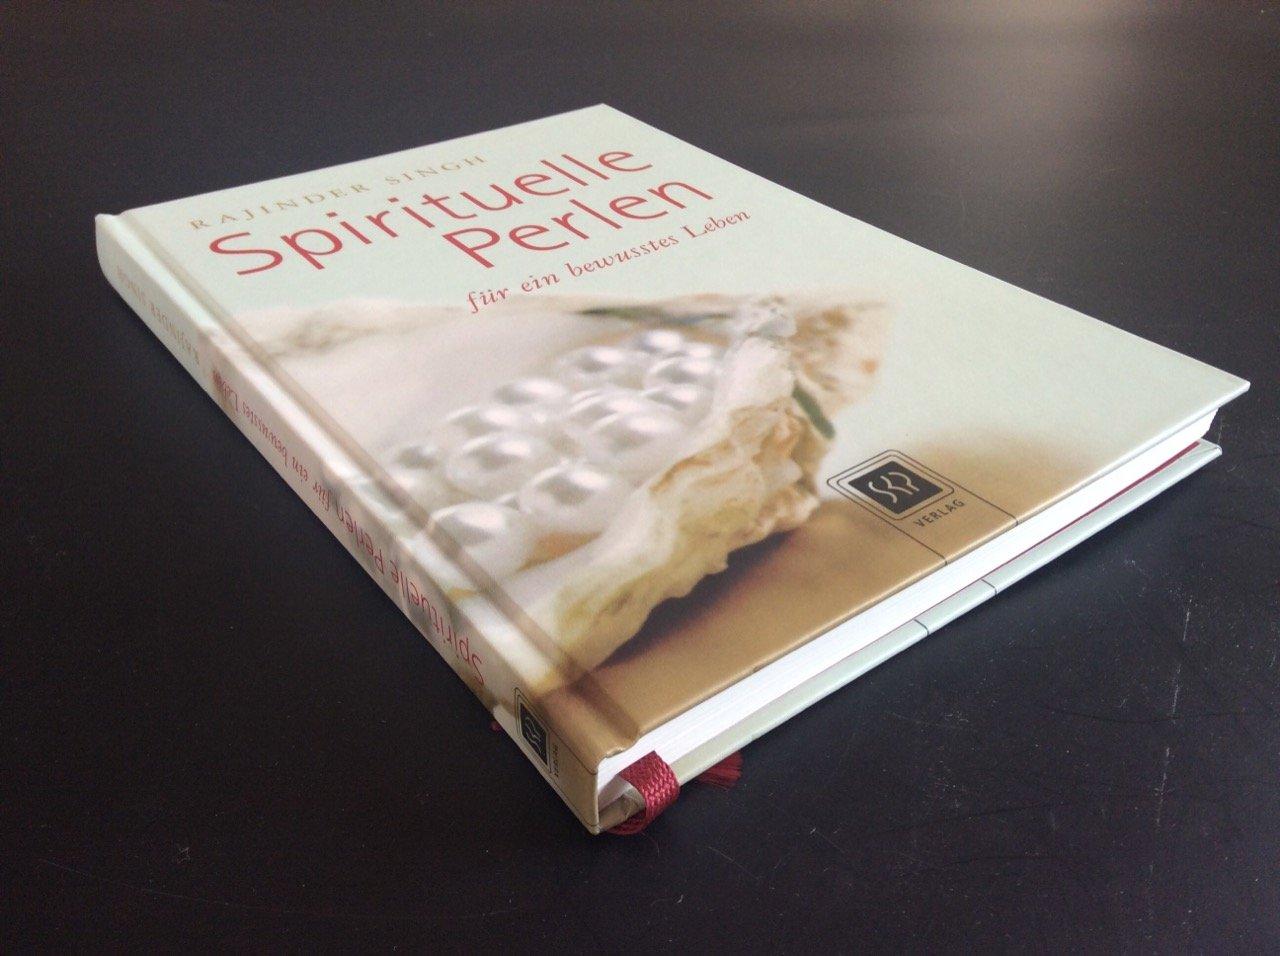 Spirituelle Perlen: für ein bewusstes Leben